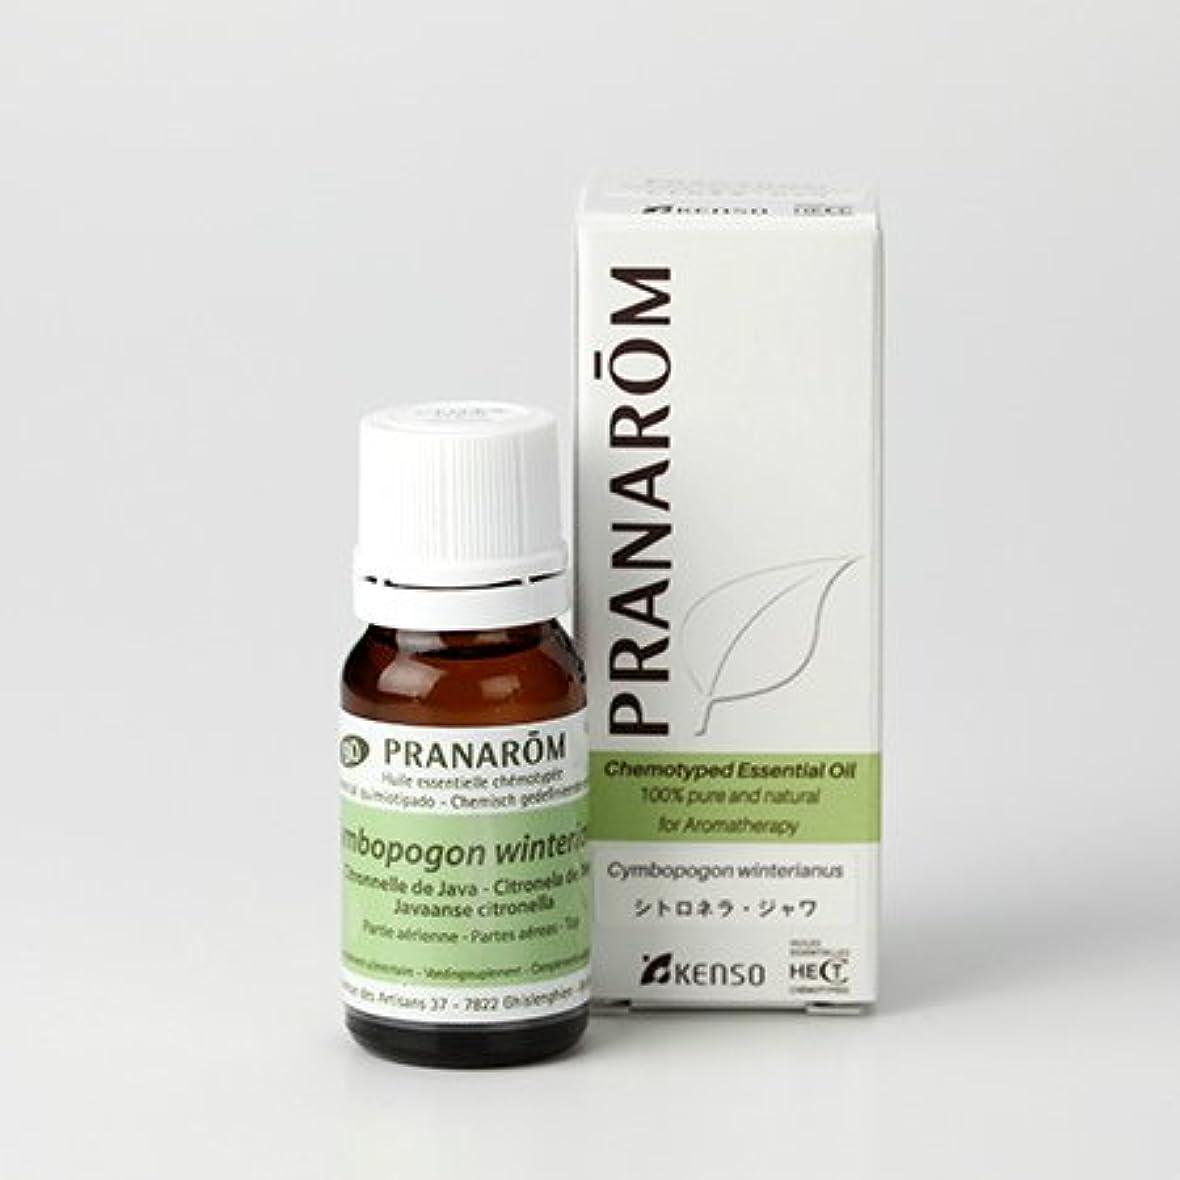 吐き出す噴出する無人プラナロム シトロネラジャワ 10ml (PRANAROM ケモタイプ精油)